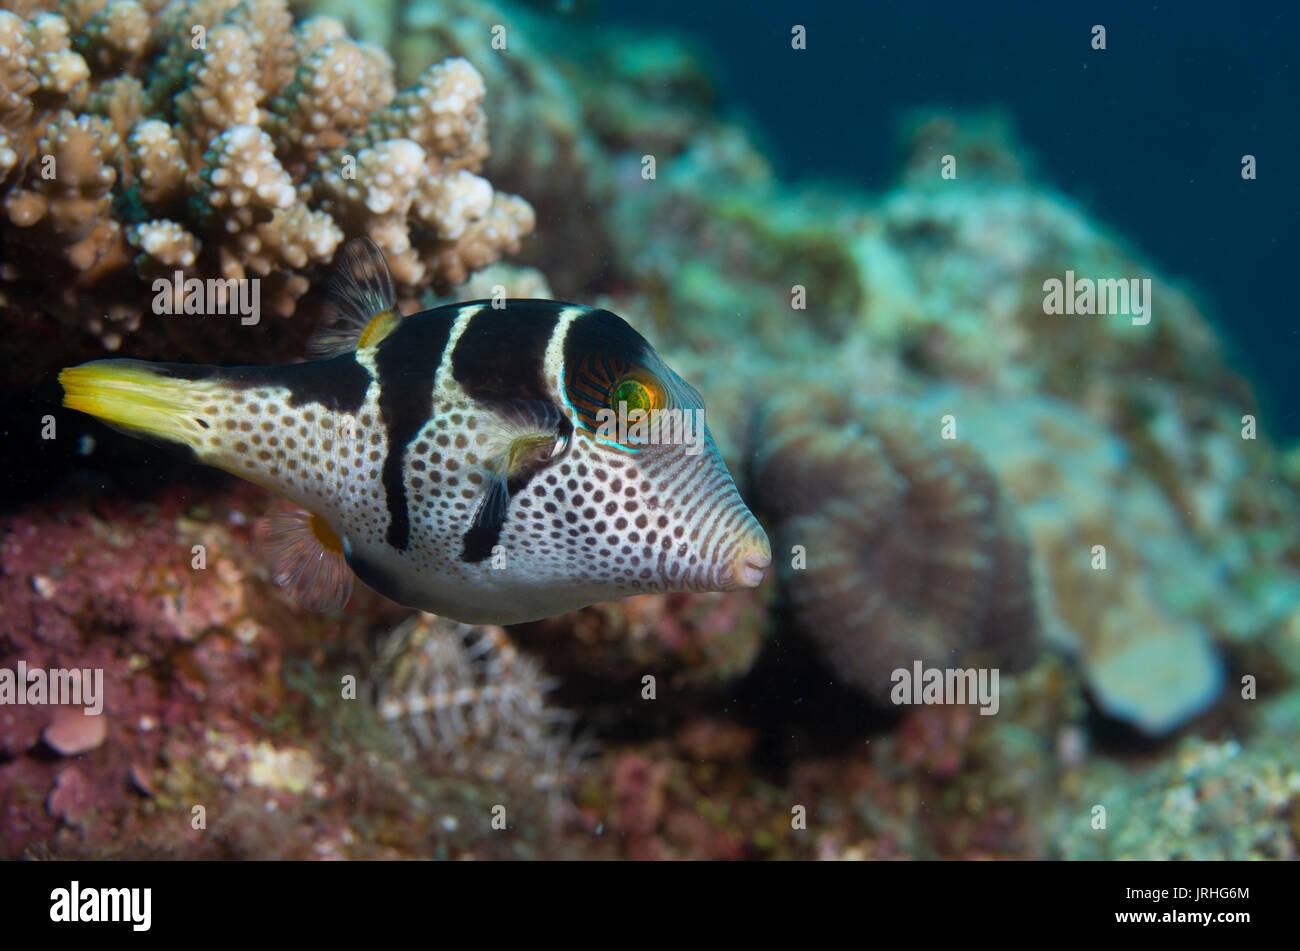 Valentin's aiguillat puffer (Canthigaster valentini), également connu sous le nom de la Sella Sella ou noire puffer Toby. Cap Maeda, Okinawa, Japon. Banque D'Images